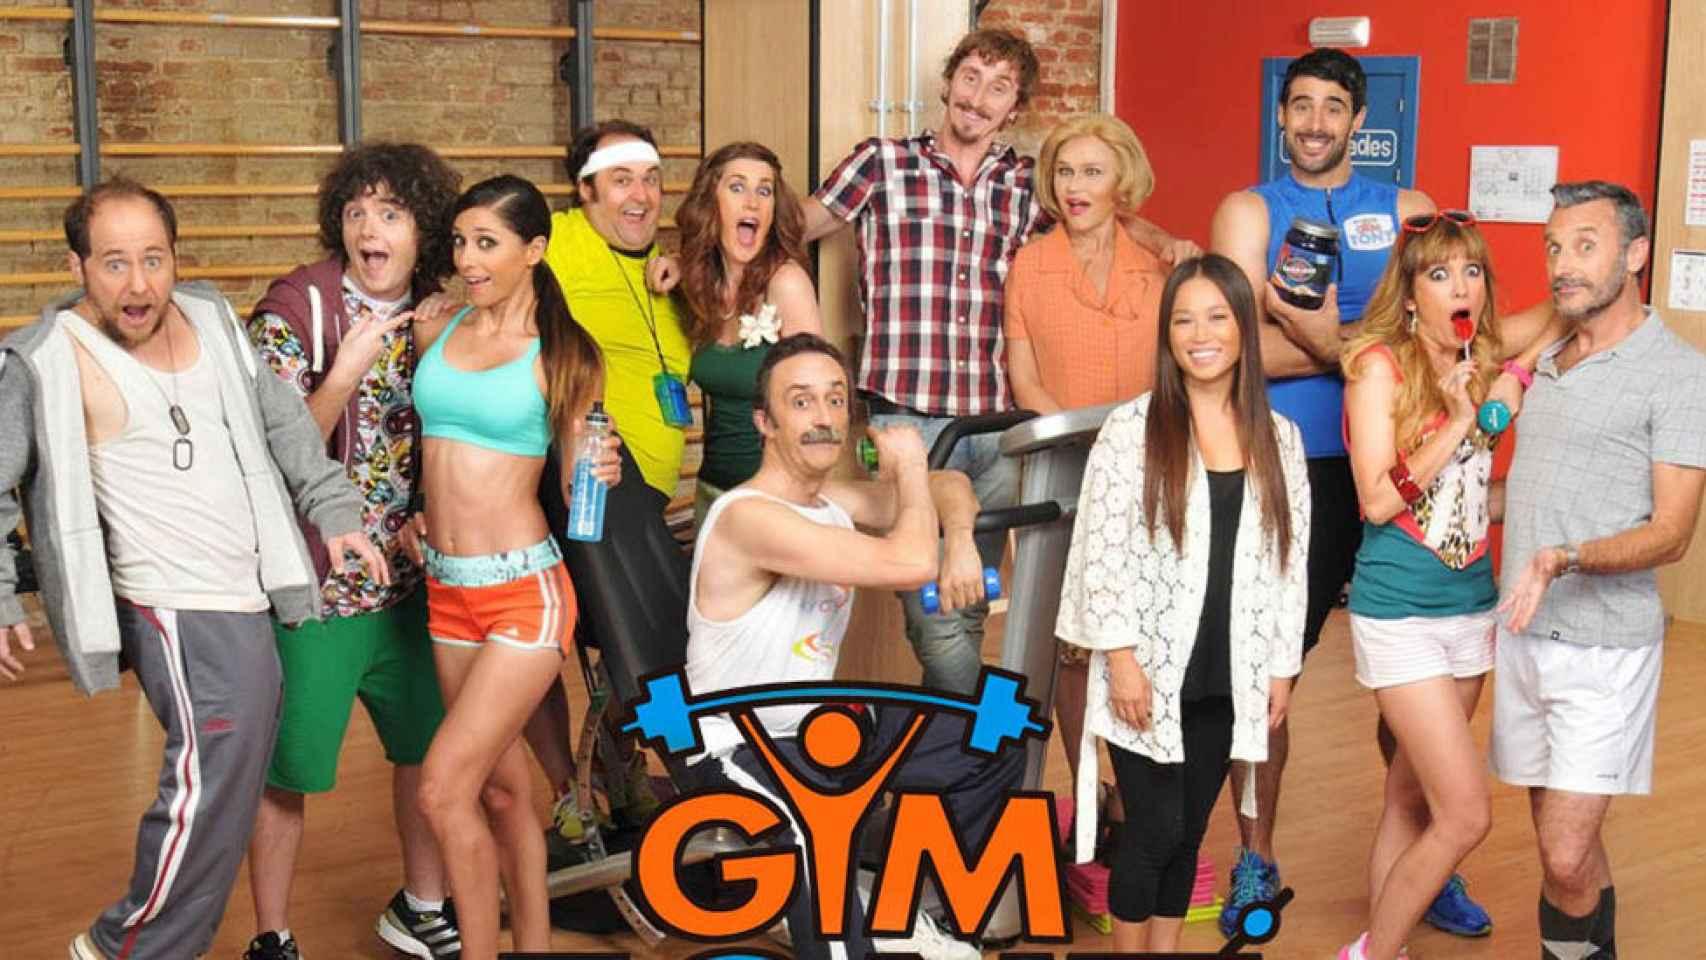 Gym Tony es otra de las series en las que encajaría Mariano Rajoy